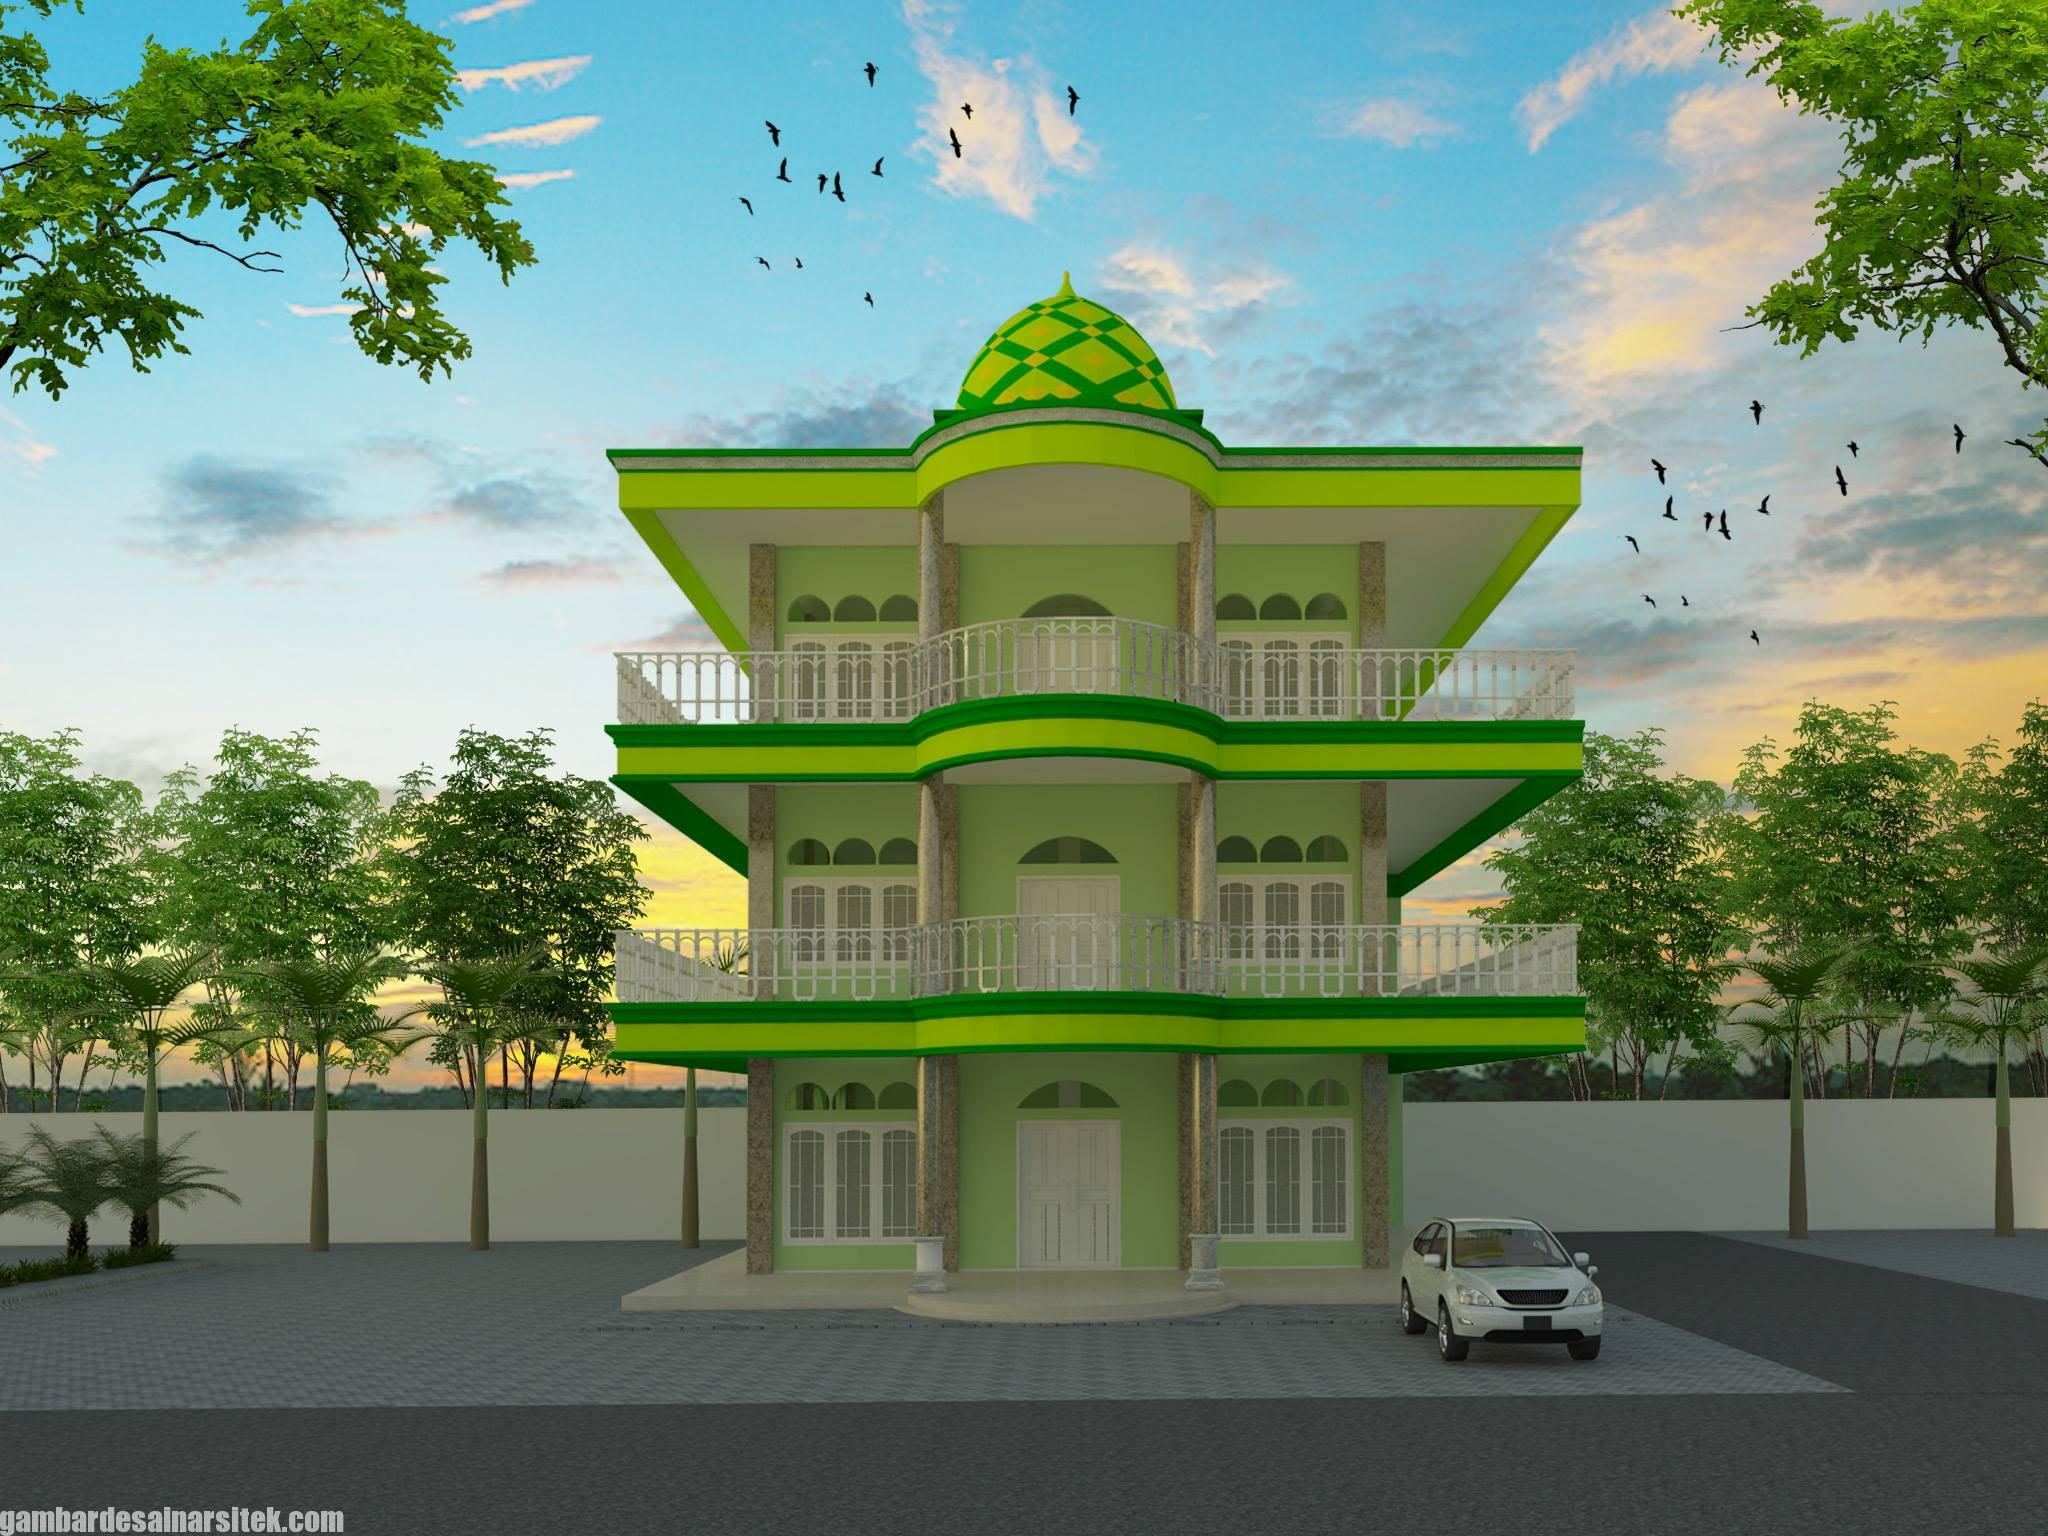 Desain Masjid Minimalis Modern (14)